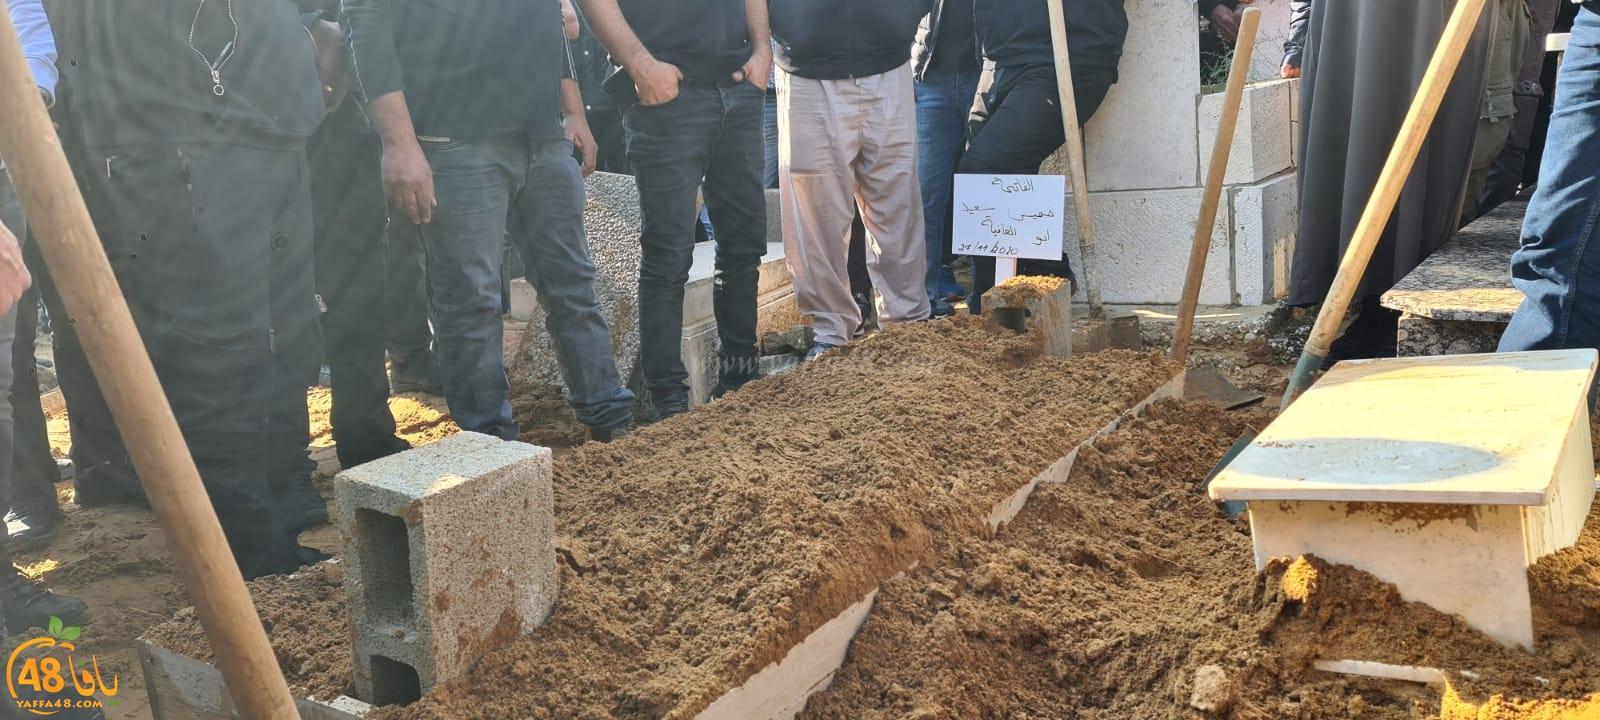 فيديو: جموع غفيرة تُشارك في تشييع جثمان الاعلامي خميس أبو العافية بيافا